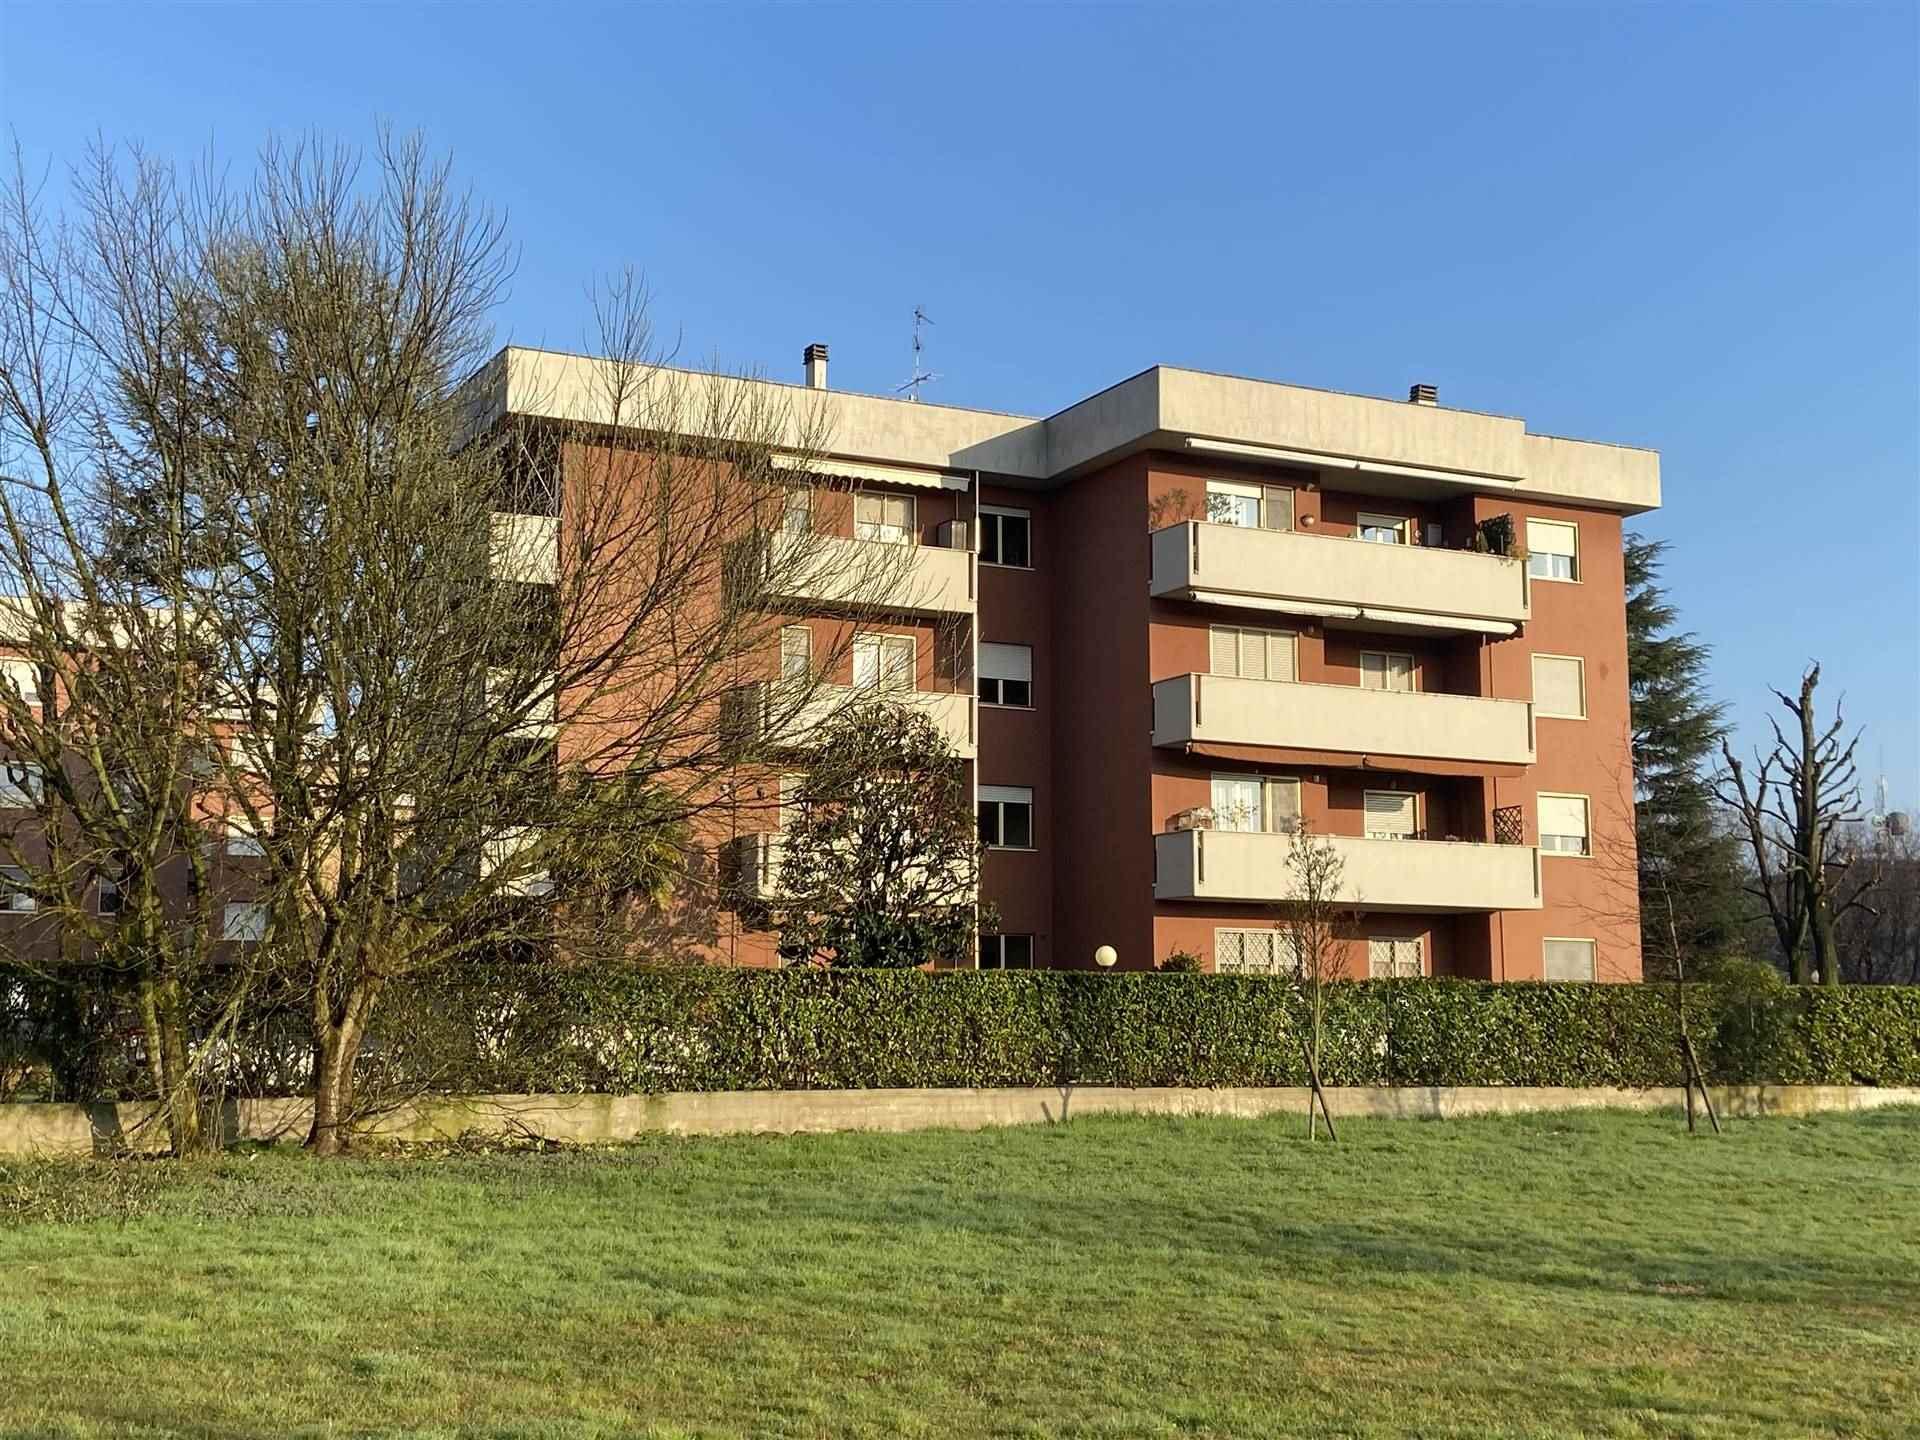 Appartamento in Vendita a San Giuliano Milanese: 4 locali, 131 mq